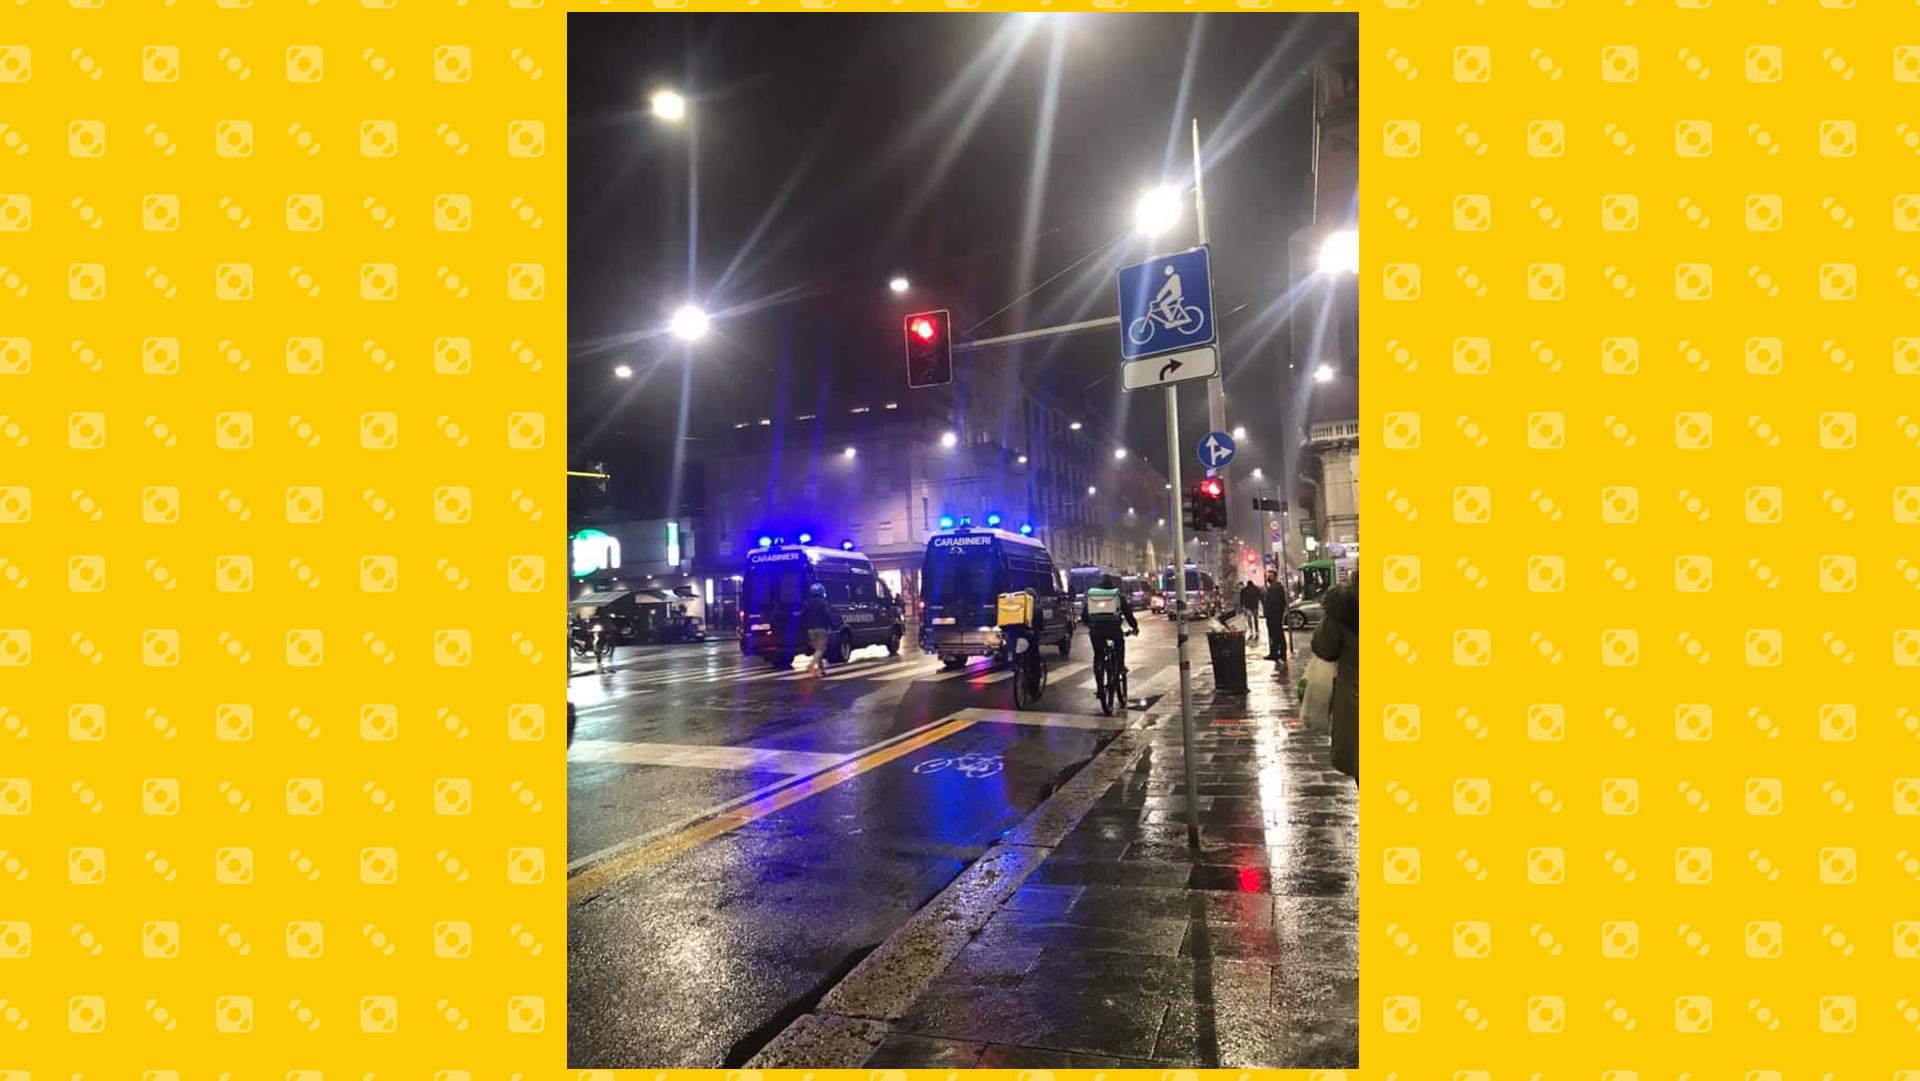 Gli scontri di Milano: un riot senza firma, la spia di un disagio